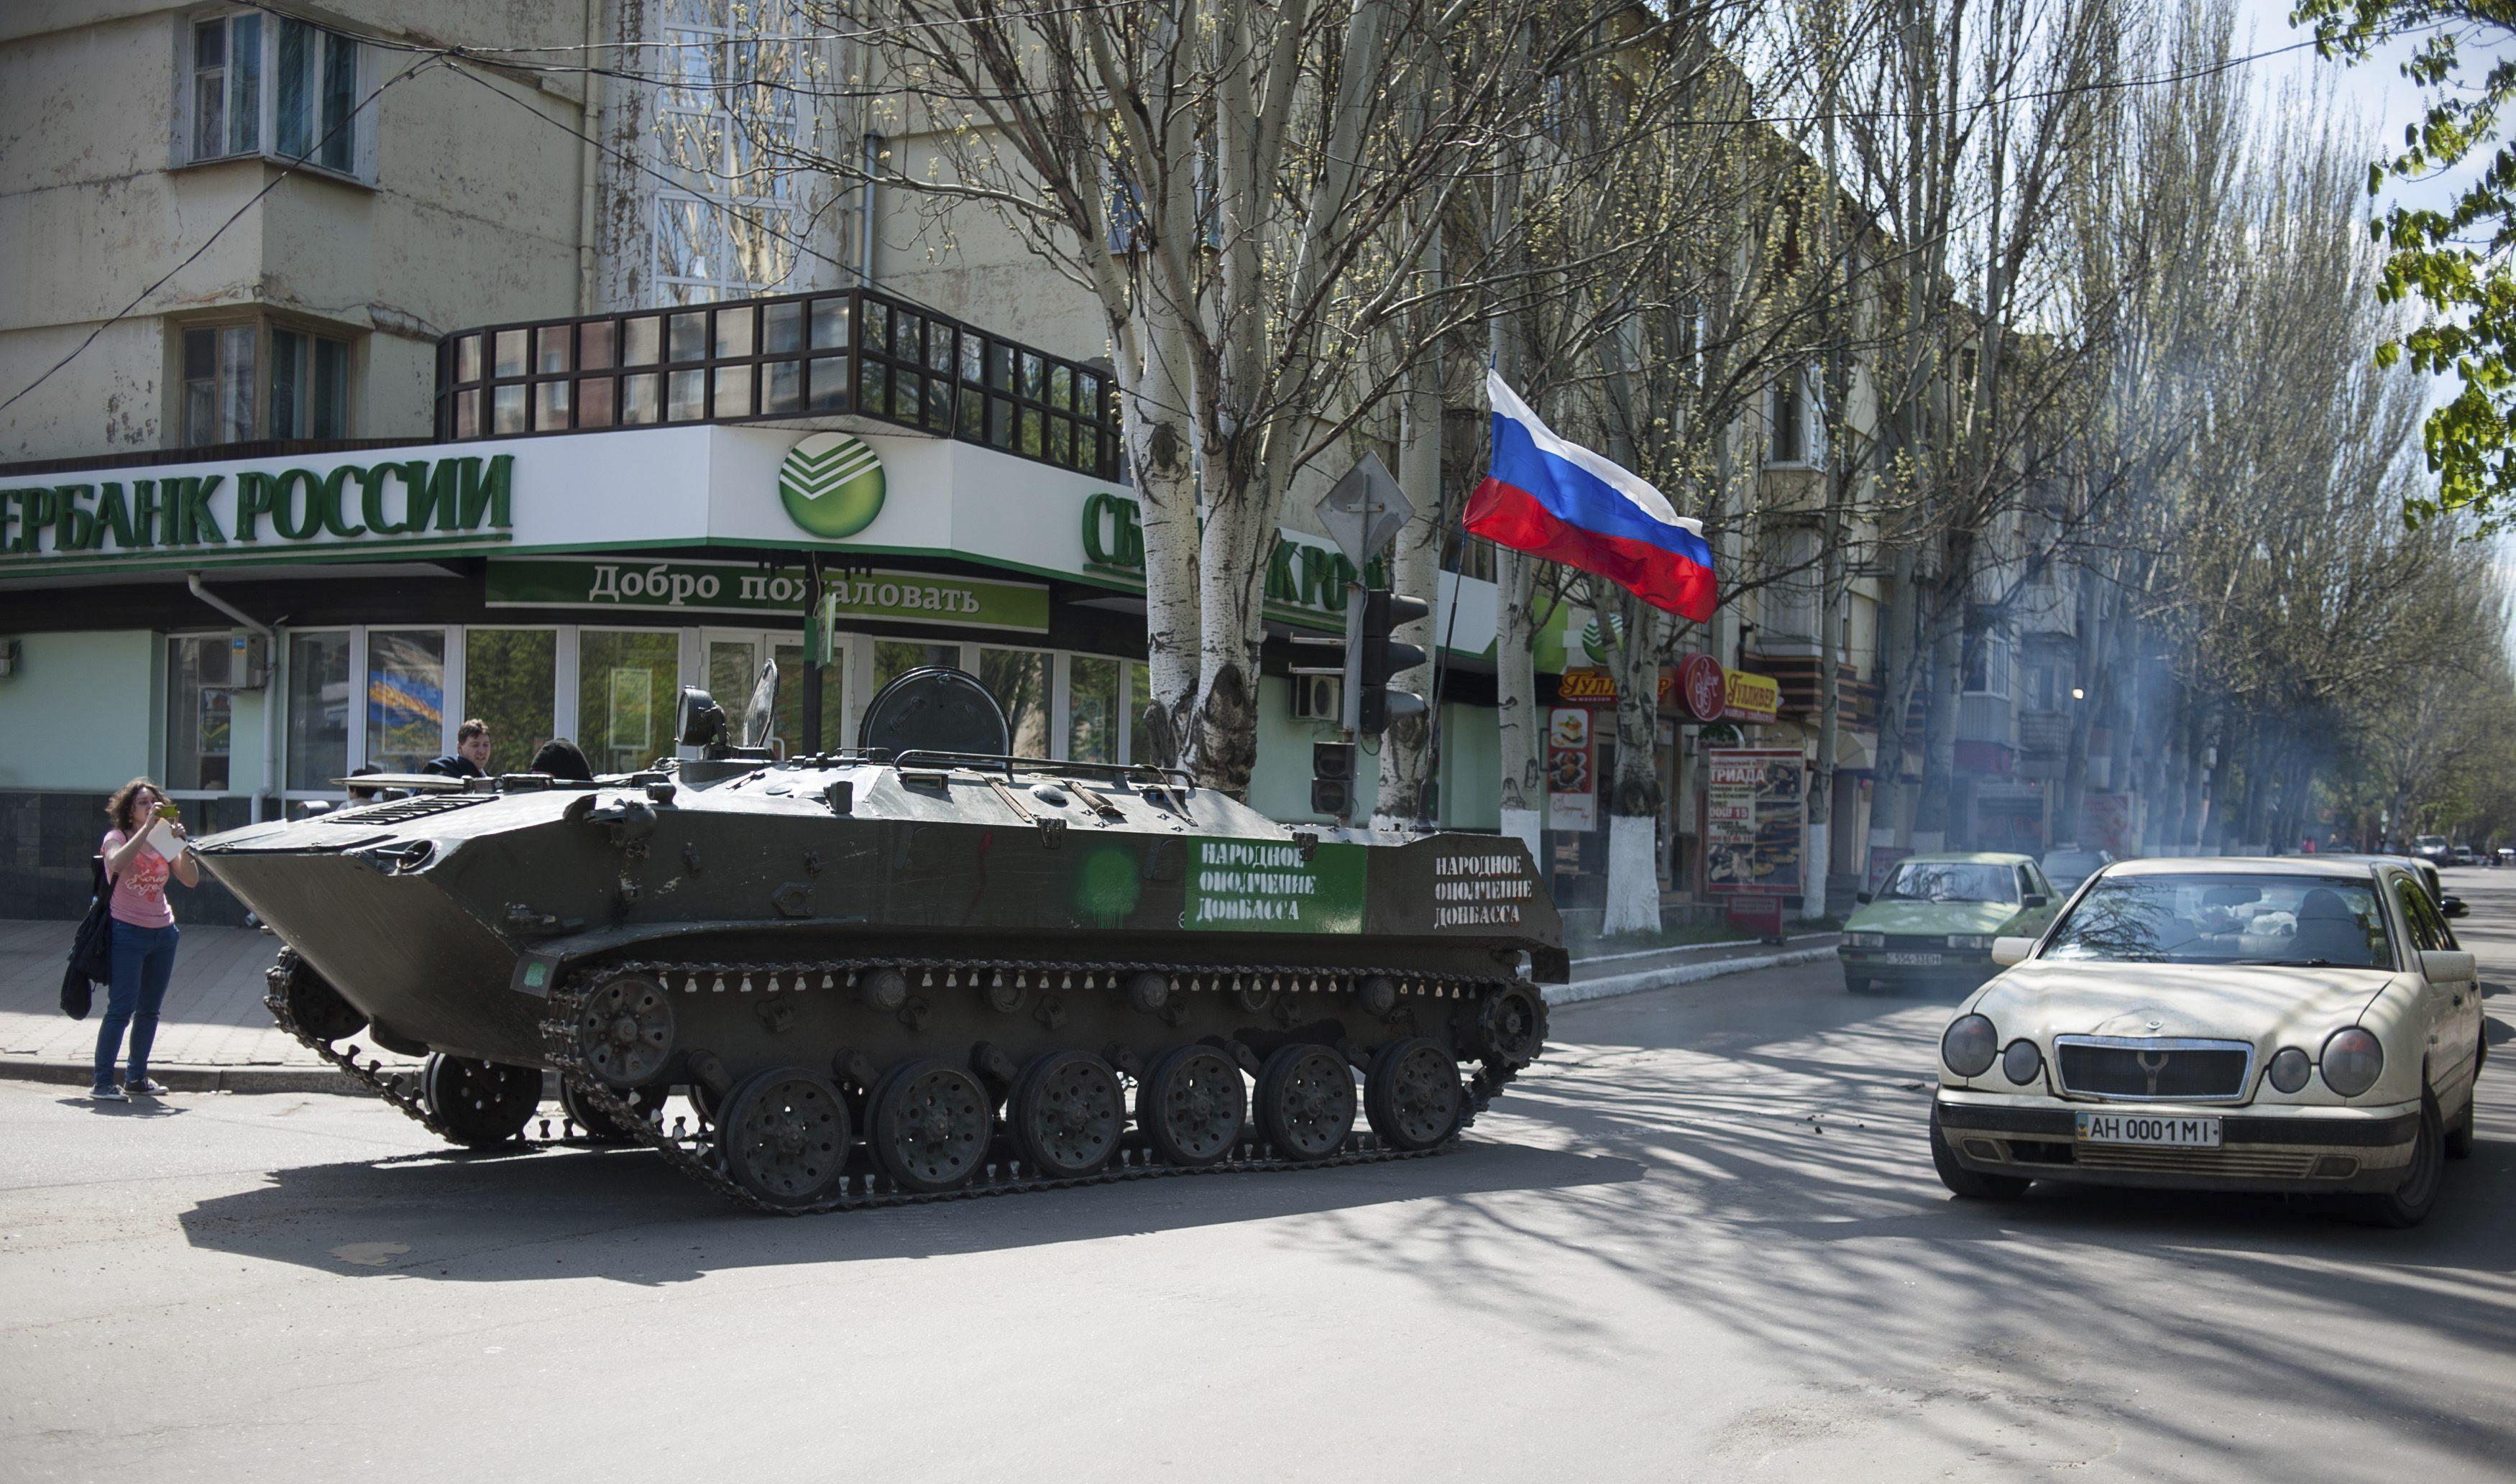 El Ejército ucraniano recupera Mariúpol mientras en Slaviansk mueren dos personas en un ataque a un puesto de control